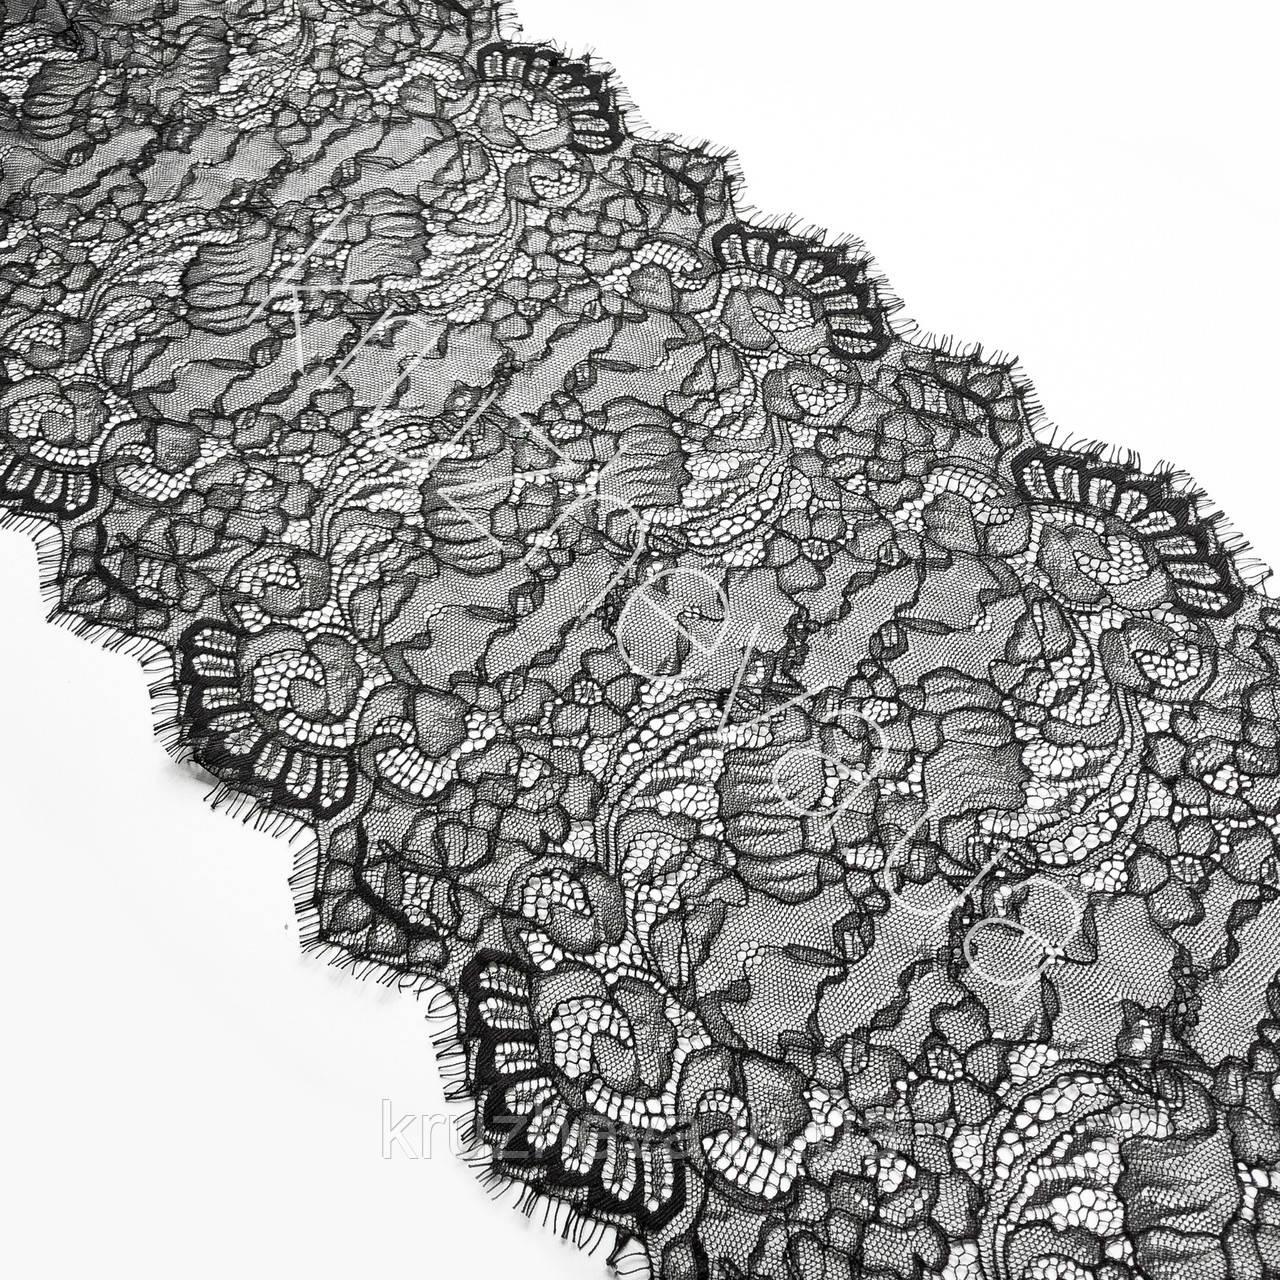 Ажурне французьке мереживо шантильї (з віями) чорного кольору шириною 30 см, довжина купона 2,9 м.